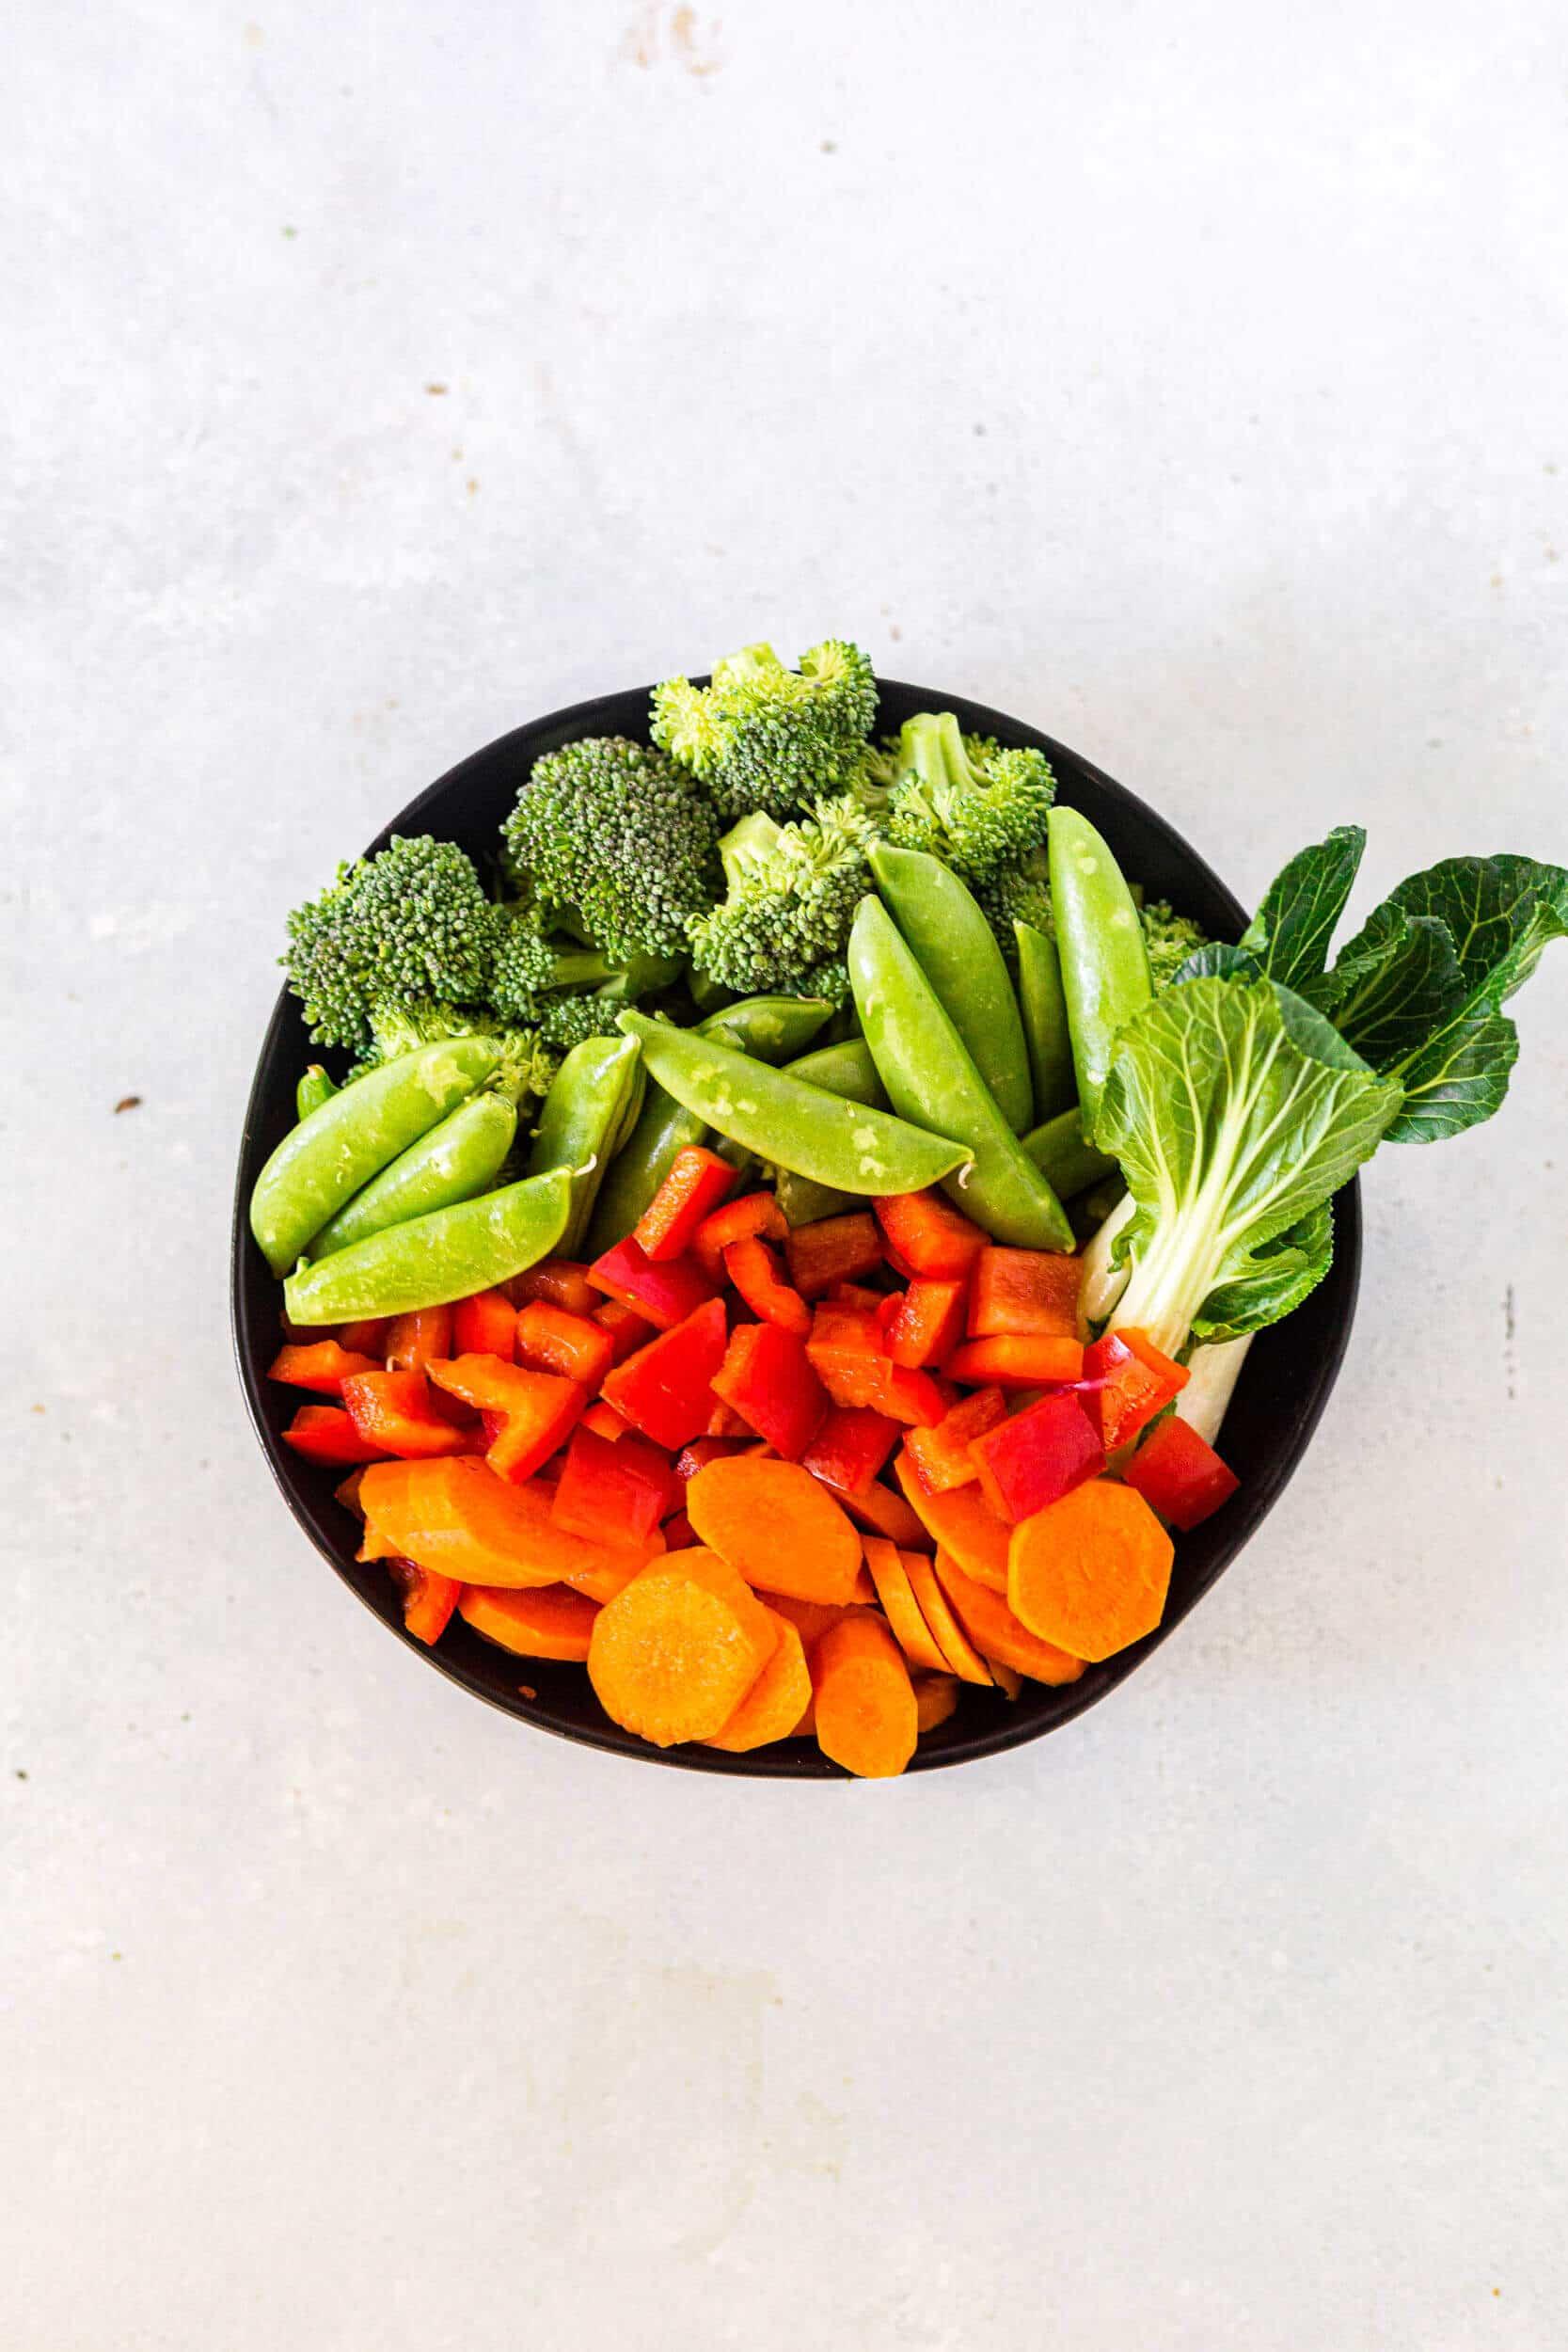 stir fry vegetables in a black bowl